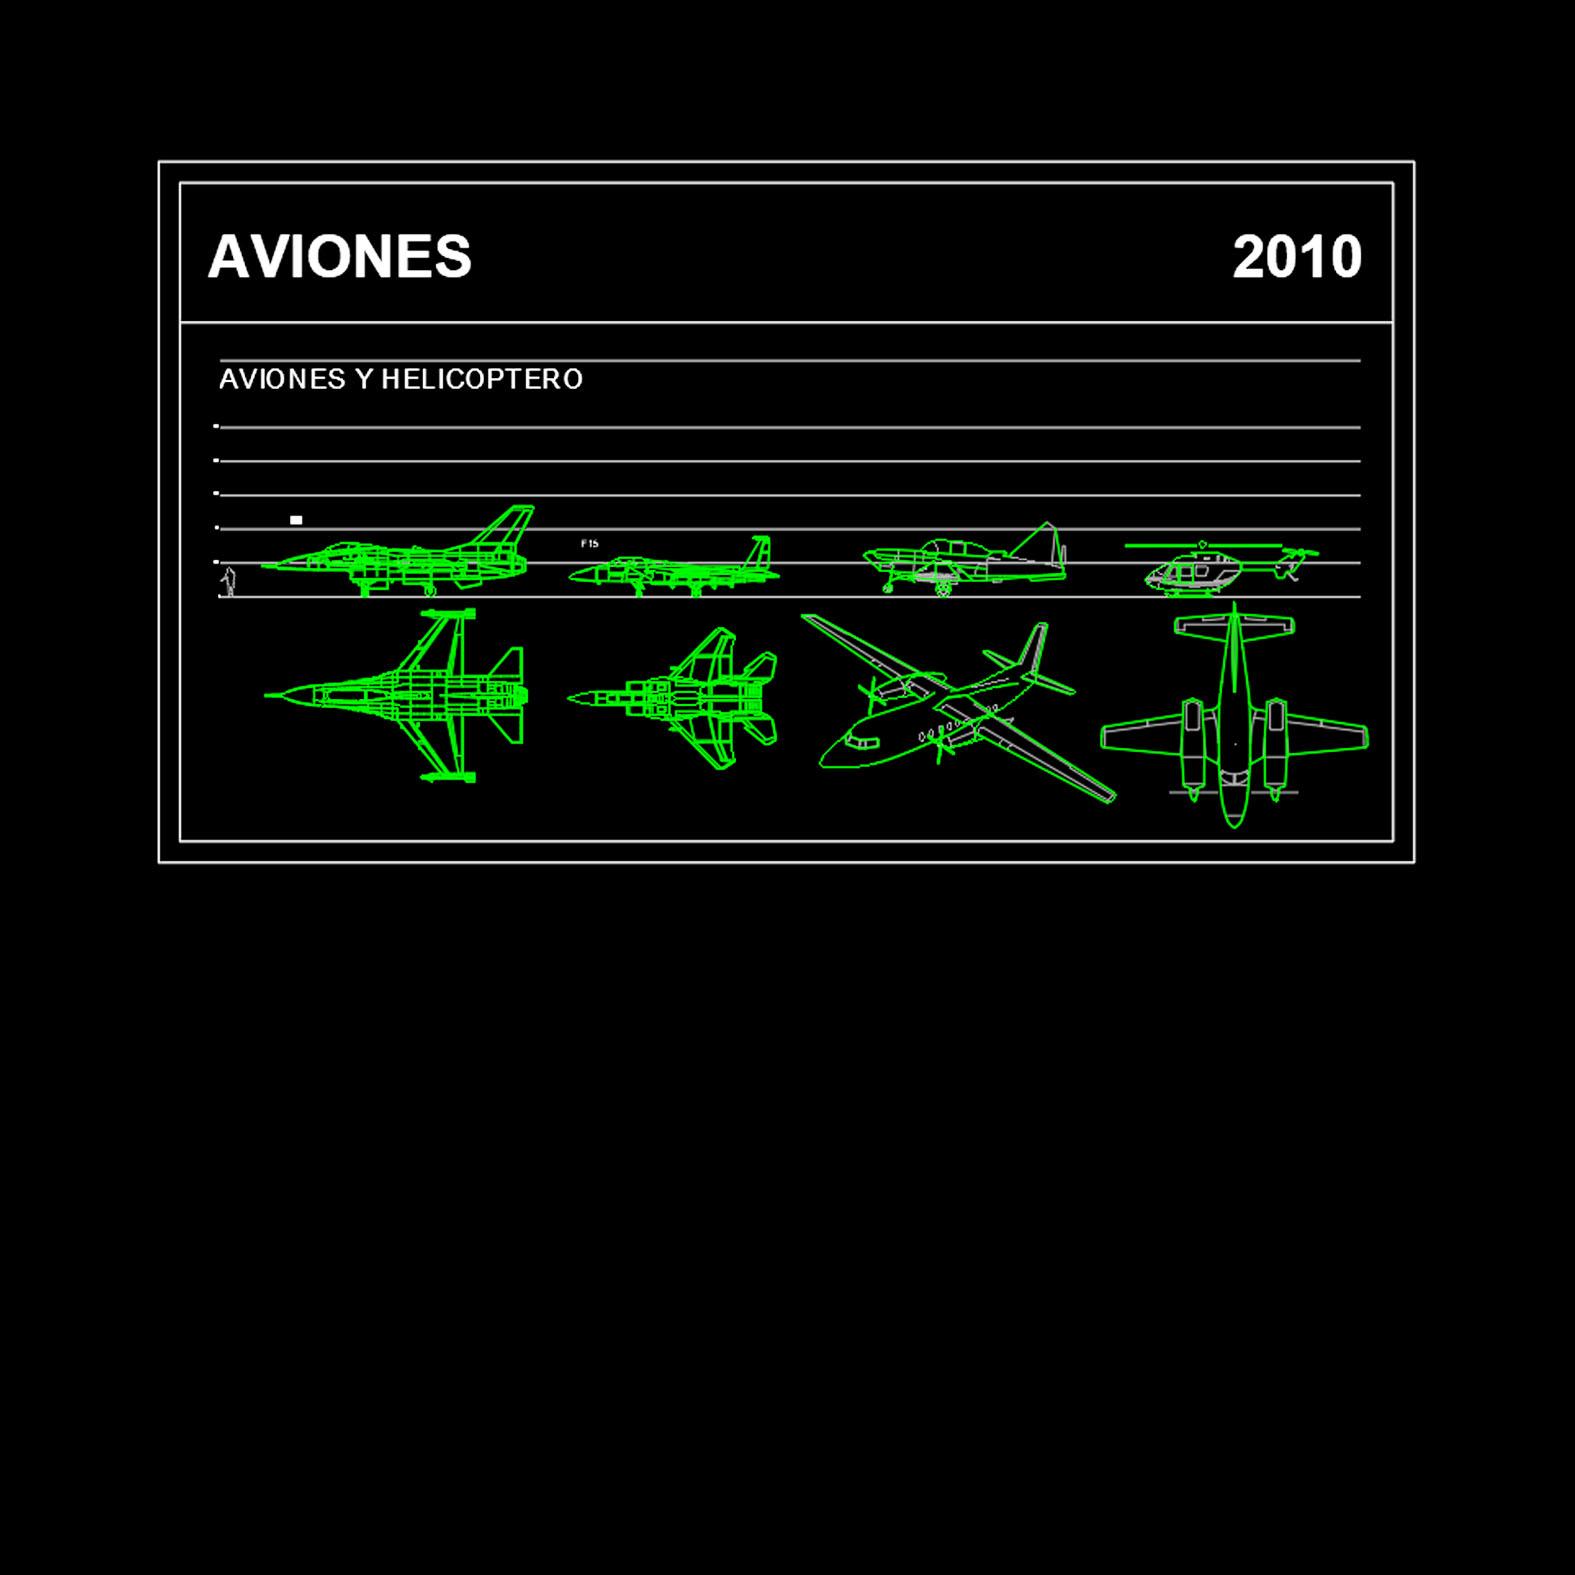 Bloques: Aviones